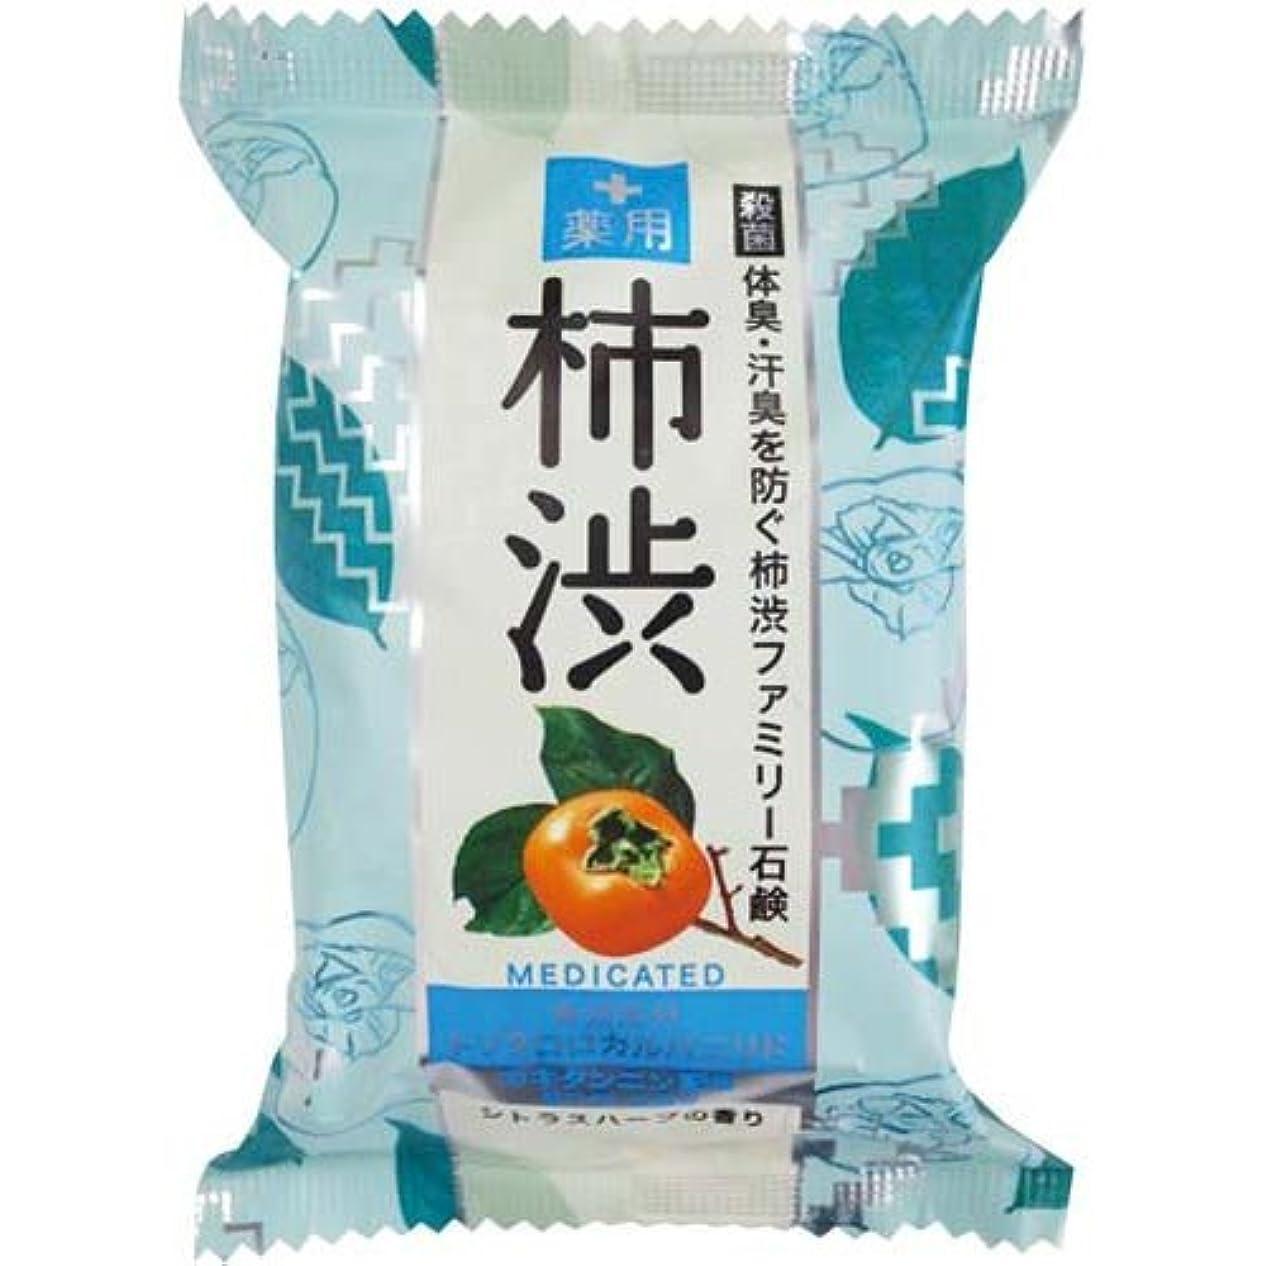 聞きます橋脚残酷なペリカン石鹸 薬用ファミリー柿渋石鹸×6個×4箱